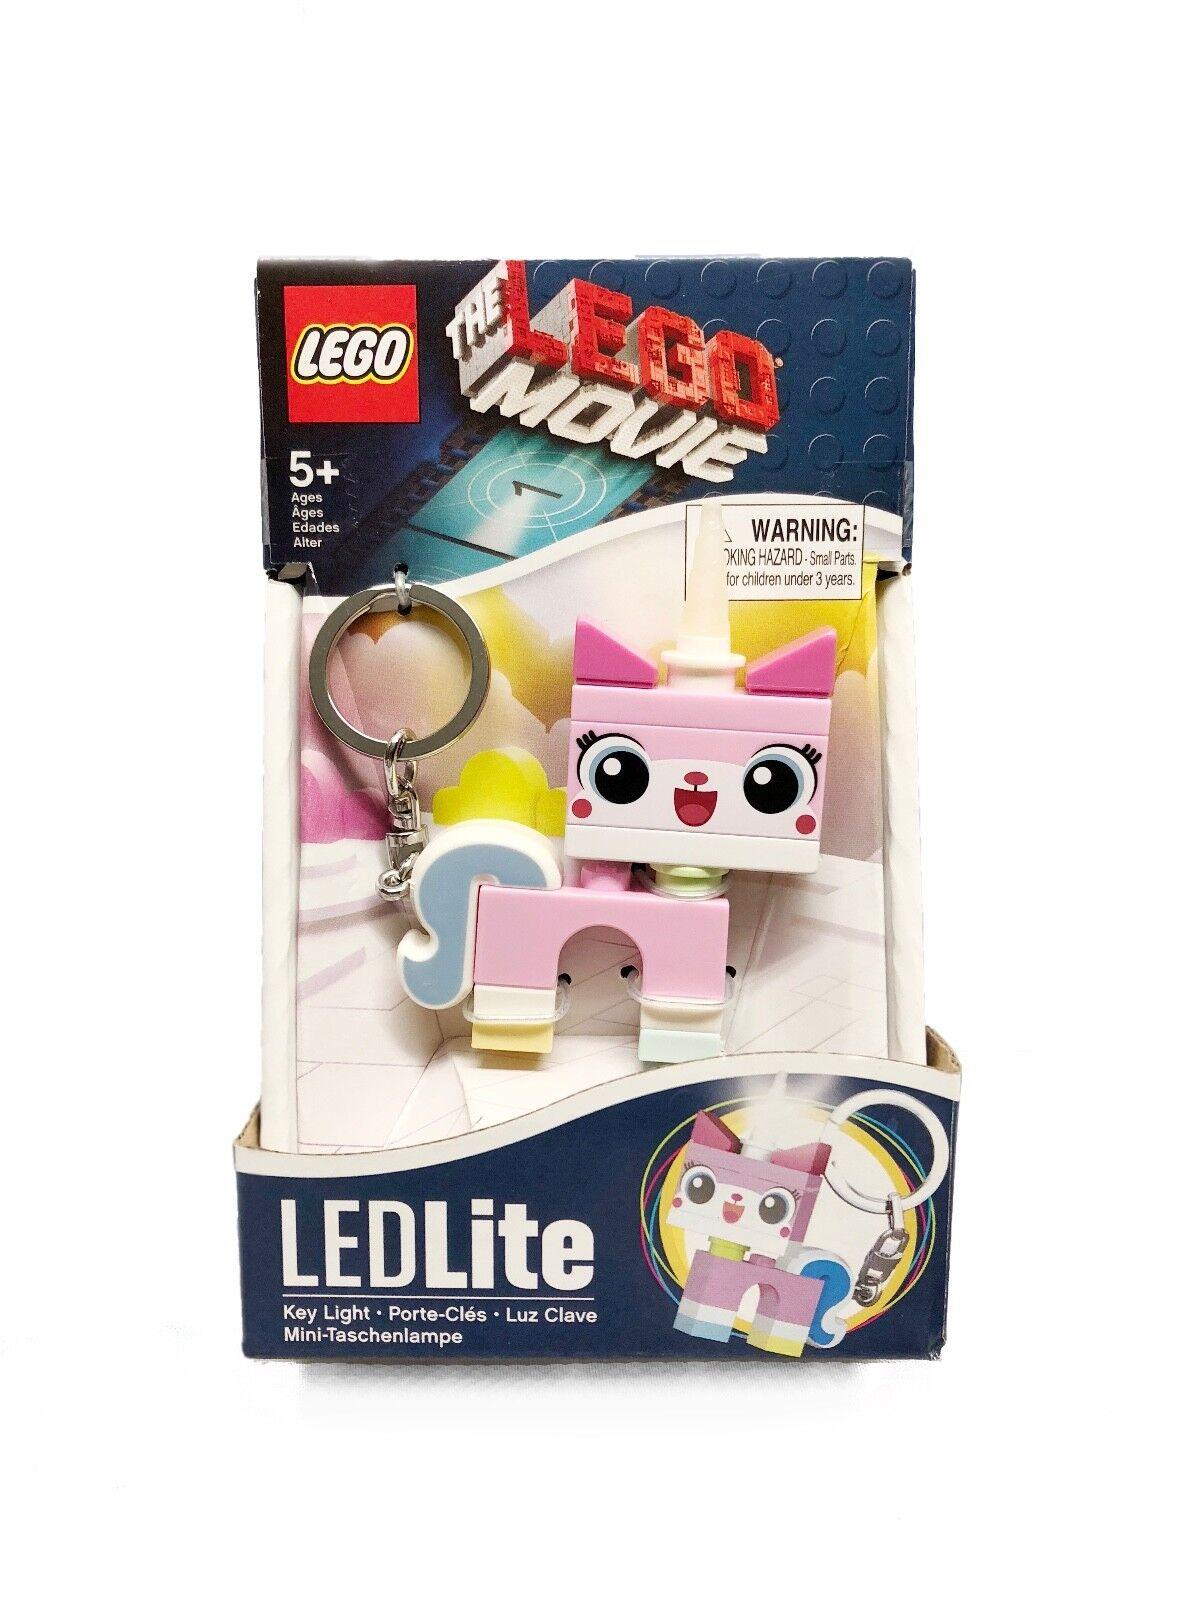 LEGO MOVIE UNIKITTY  LEDLITE Key Light Flashlight Ring